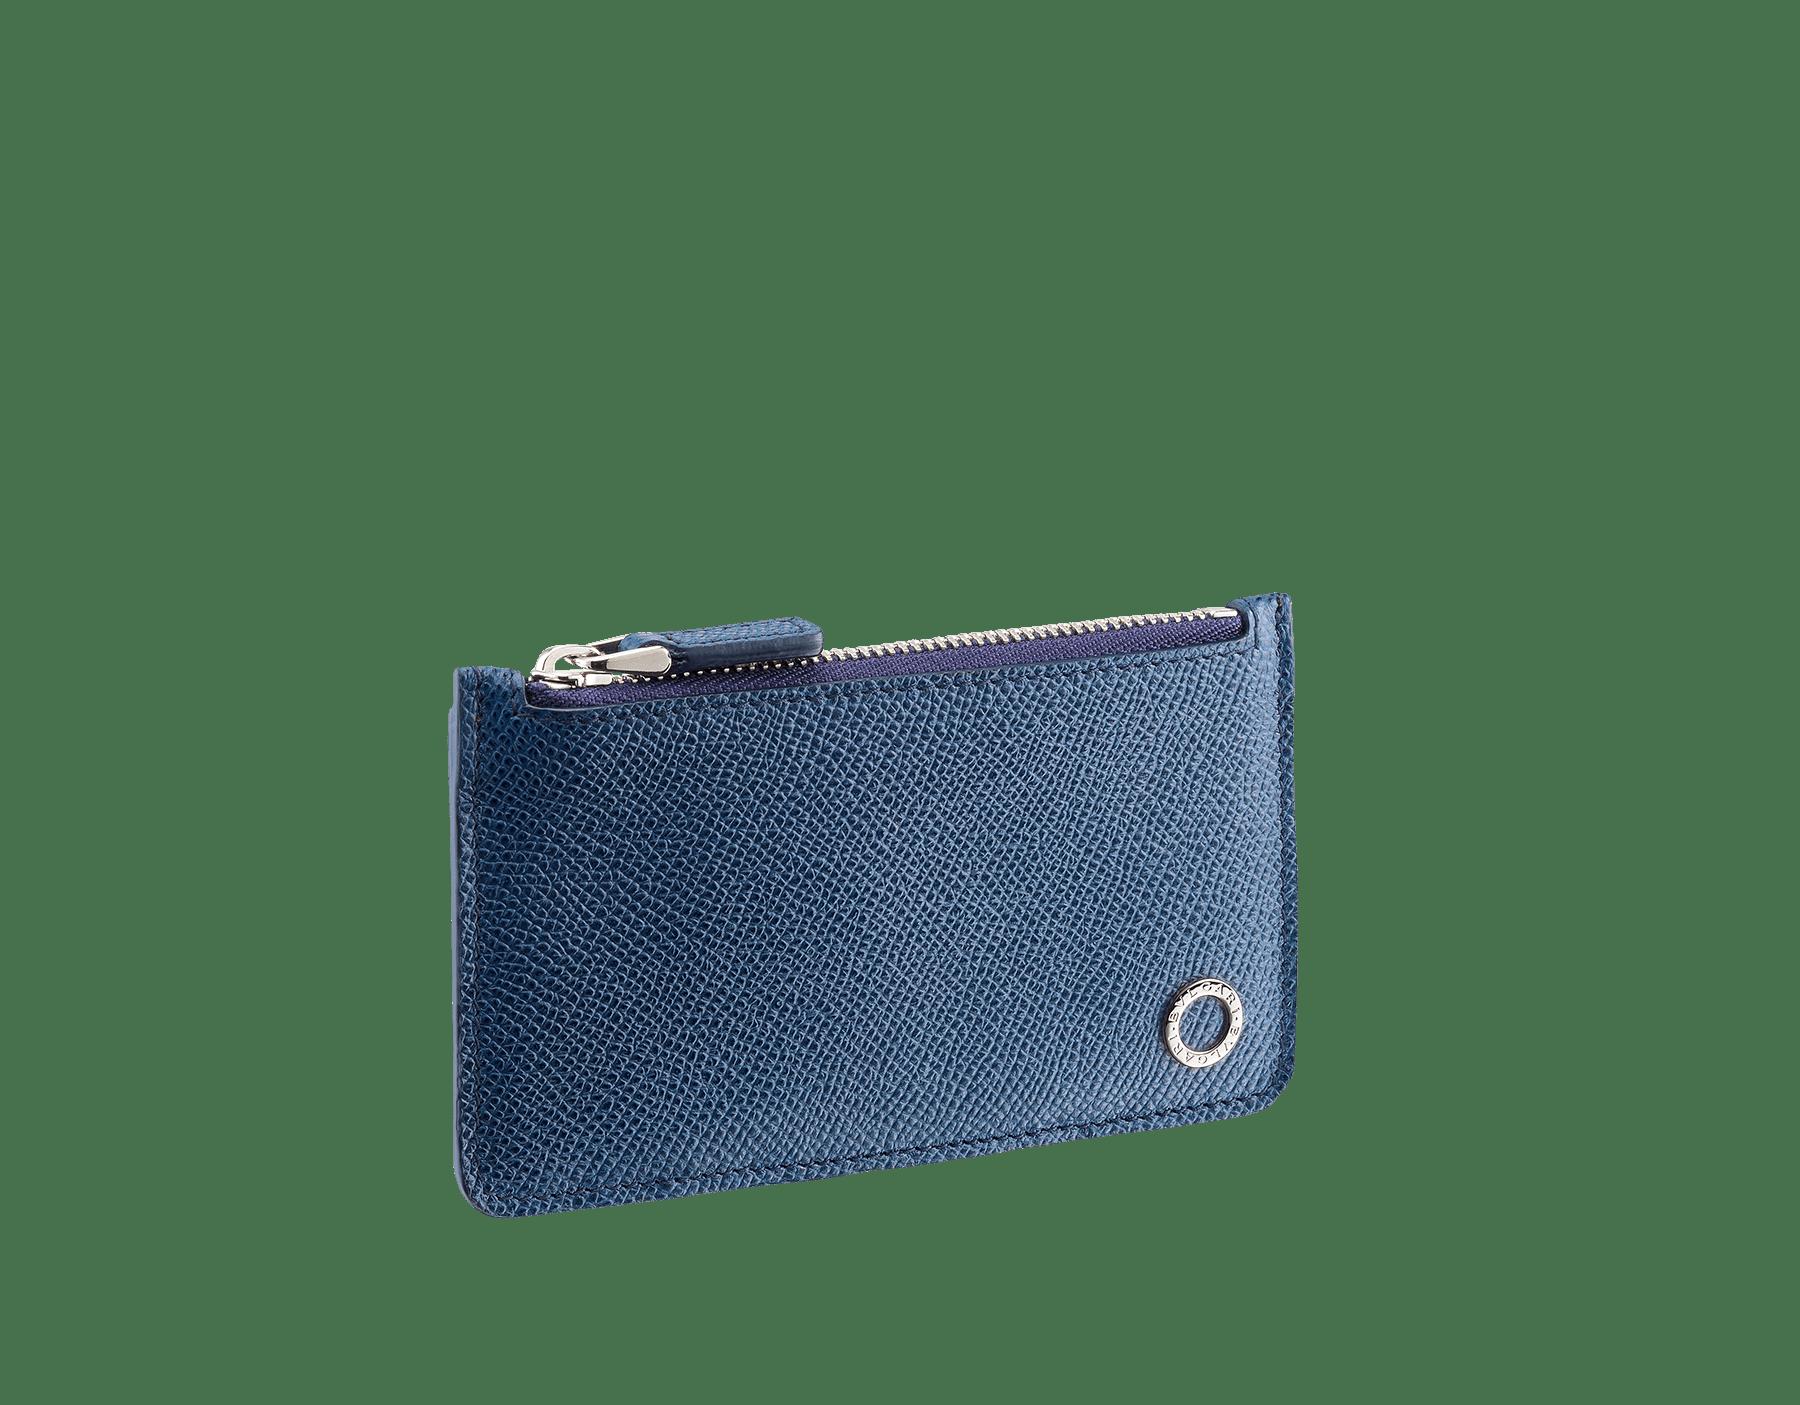 Étui pour cartes de crédit en cuir de veau grainé bleu denim saphir avec motif Bulgari Bulgari en laiton plaqué palladium. 282601 image 2